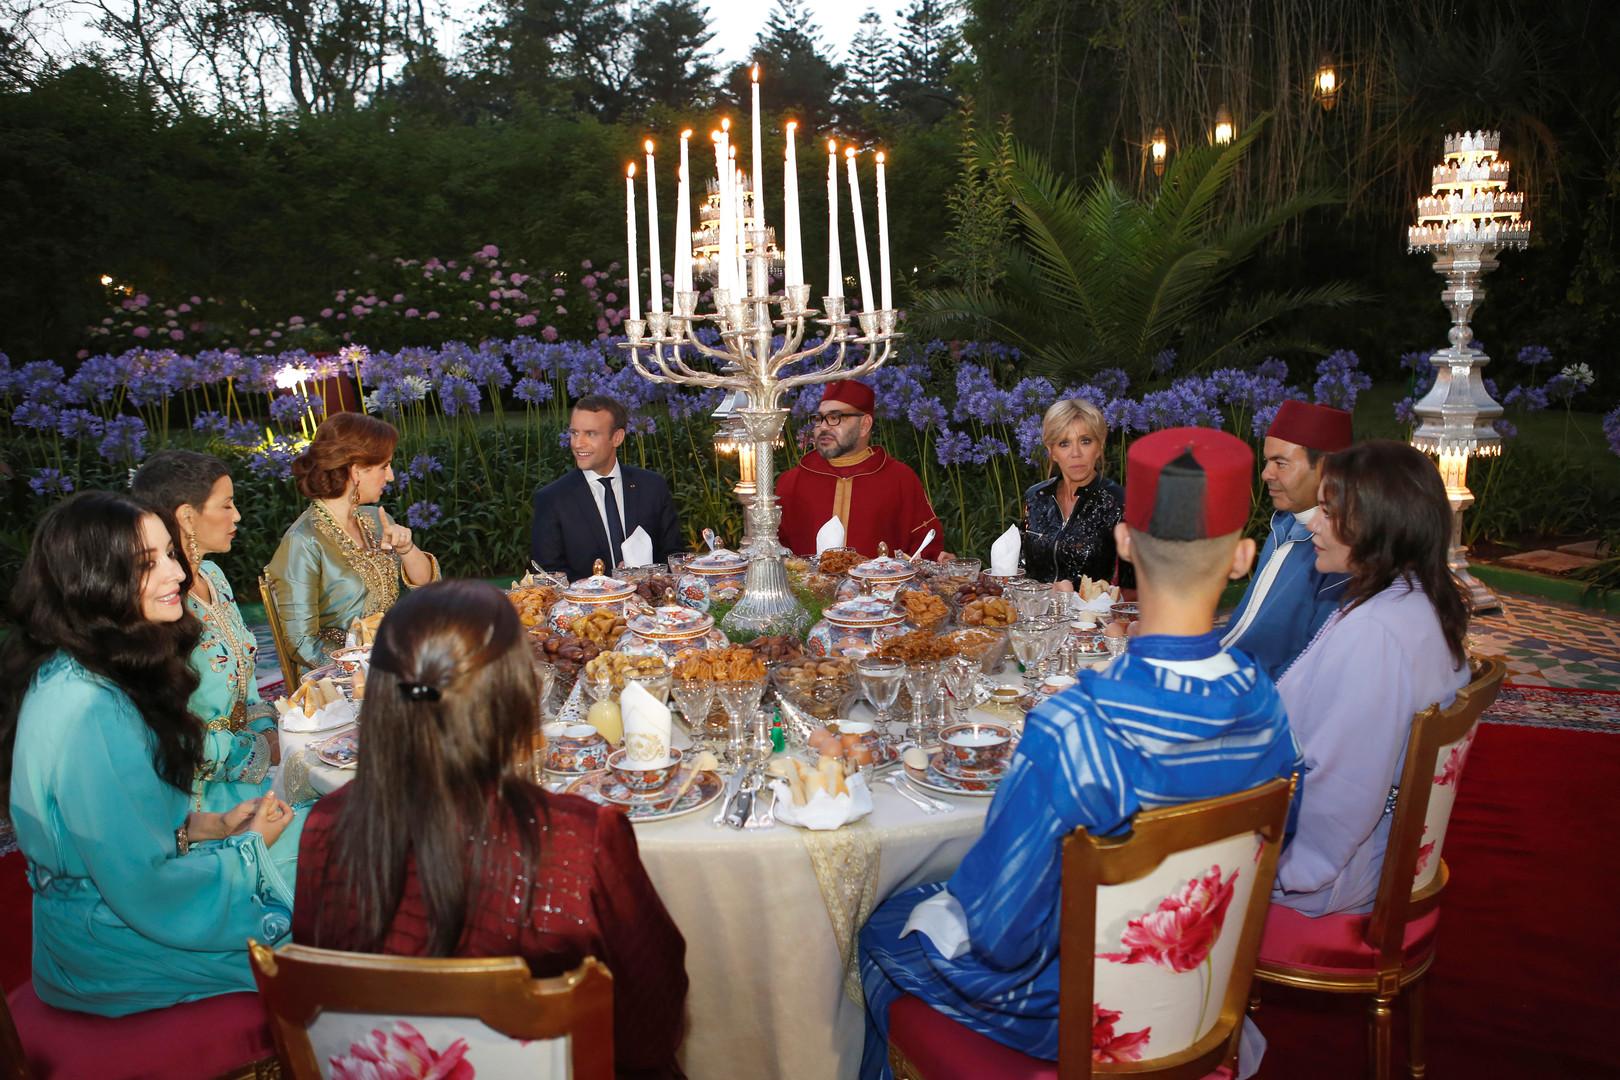 الرئيس الفرنسي إيمانويل ماكرون يشيد بمائدة الفطور مع الملك